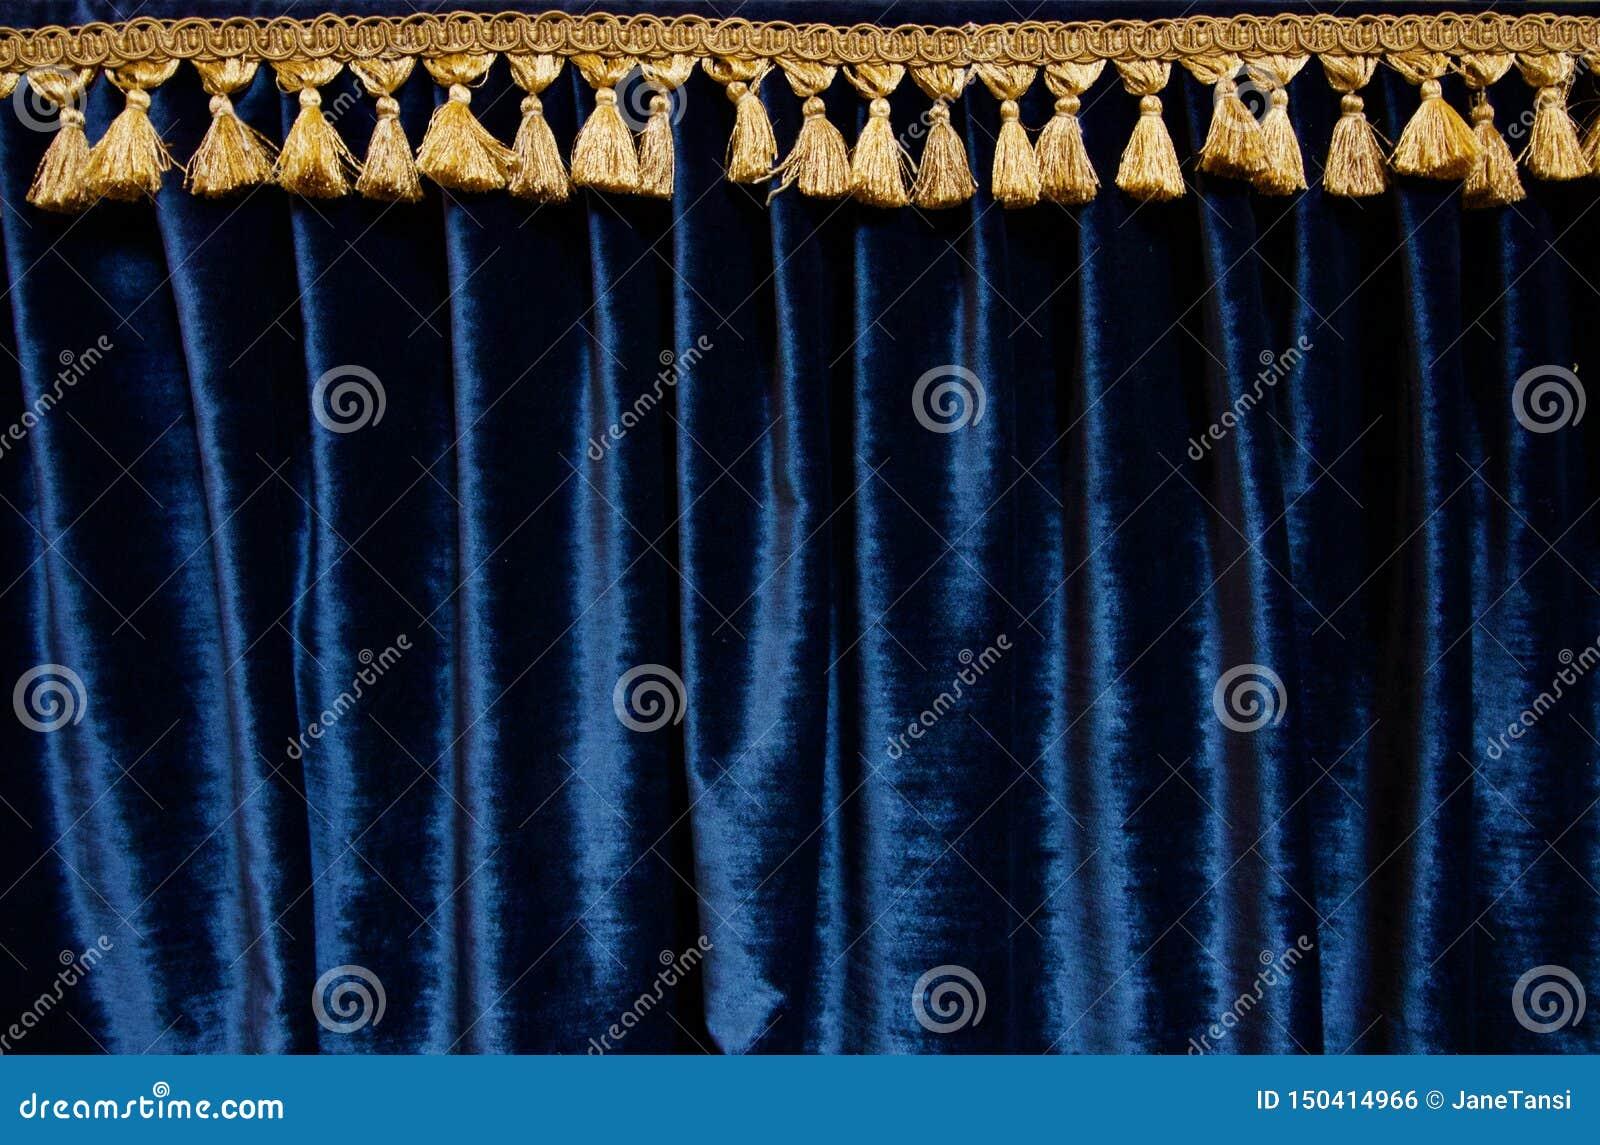 Cortina del terciopelo de los azules marinos con del oro del brocado de la franja imagen en la parte superior -